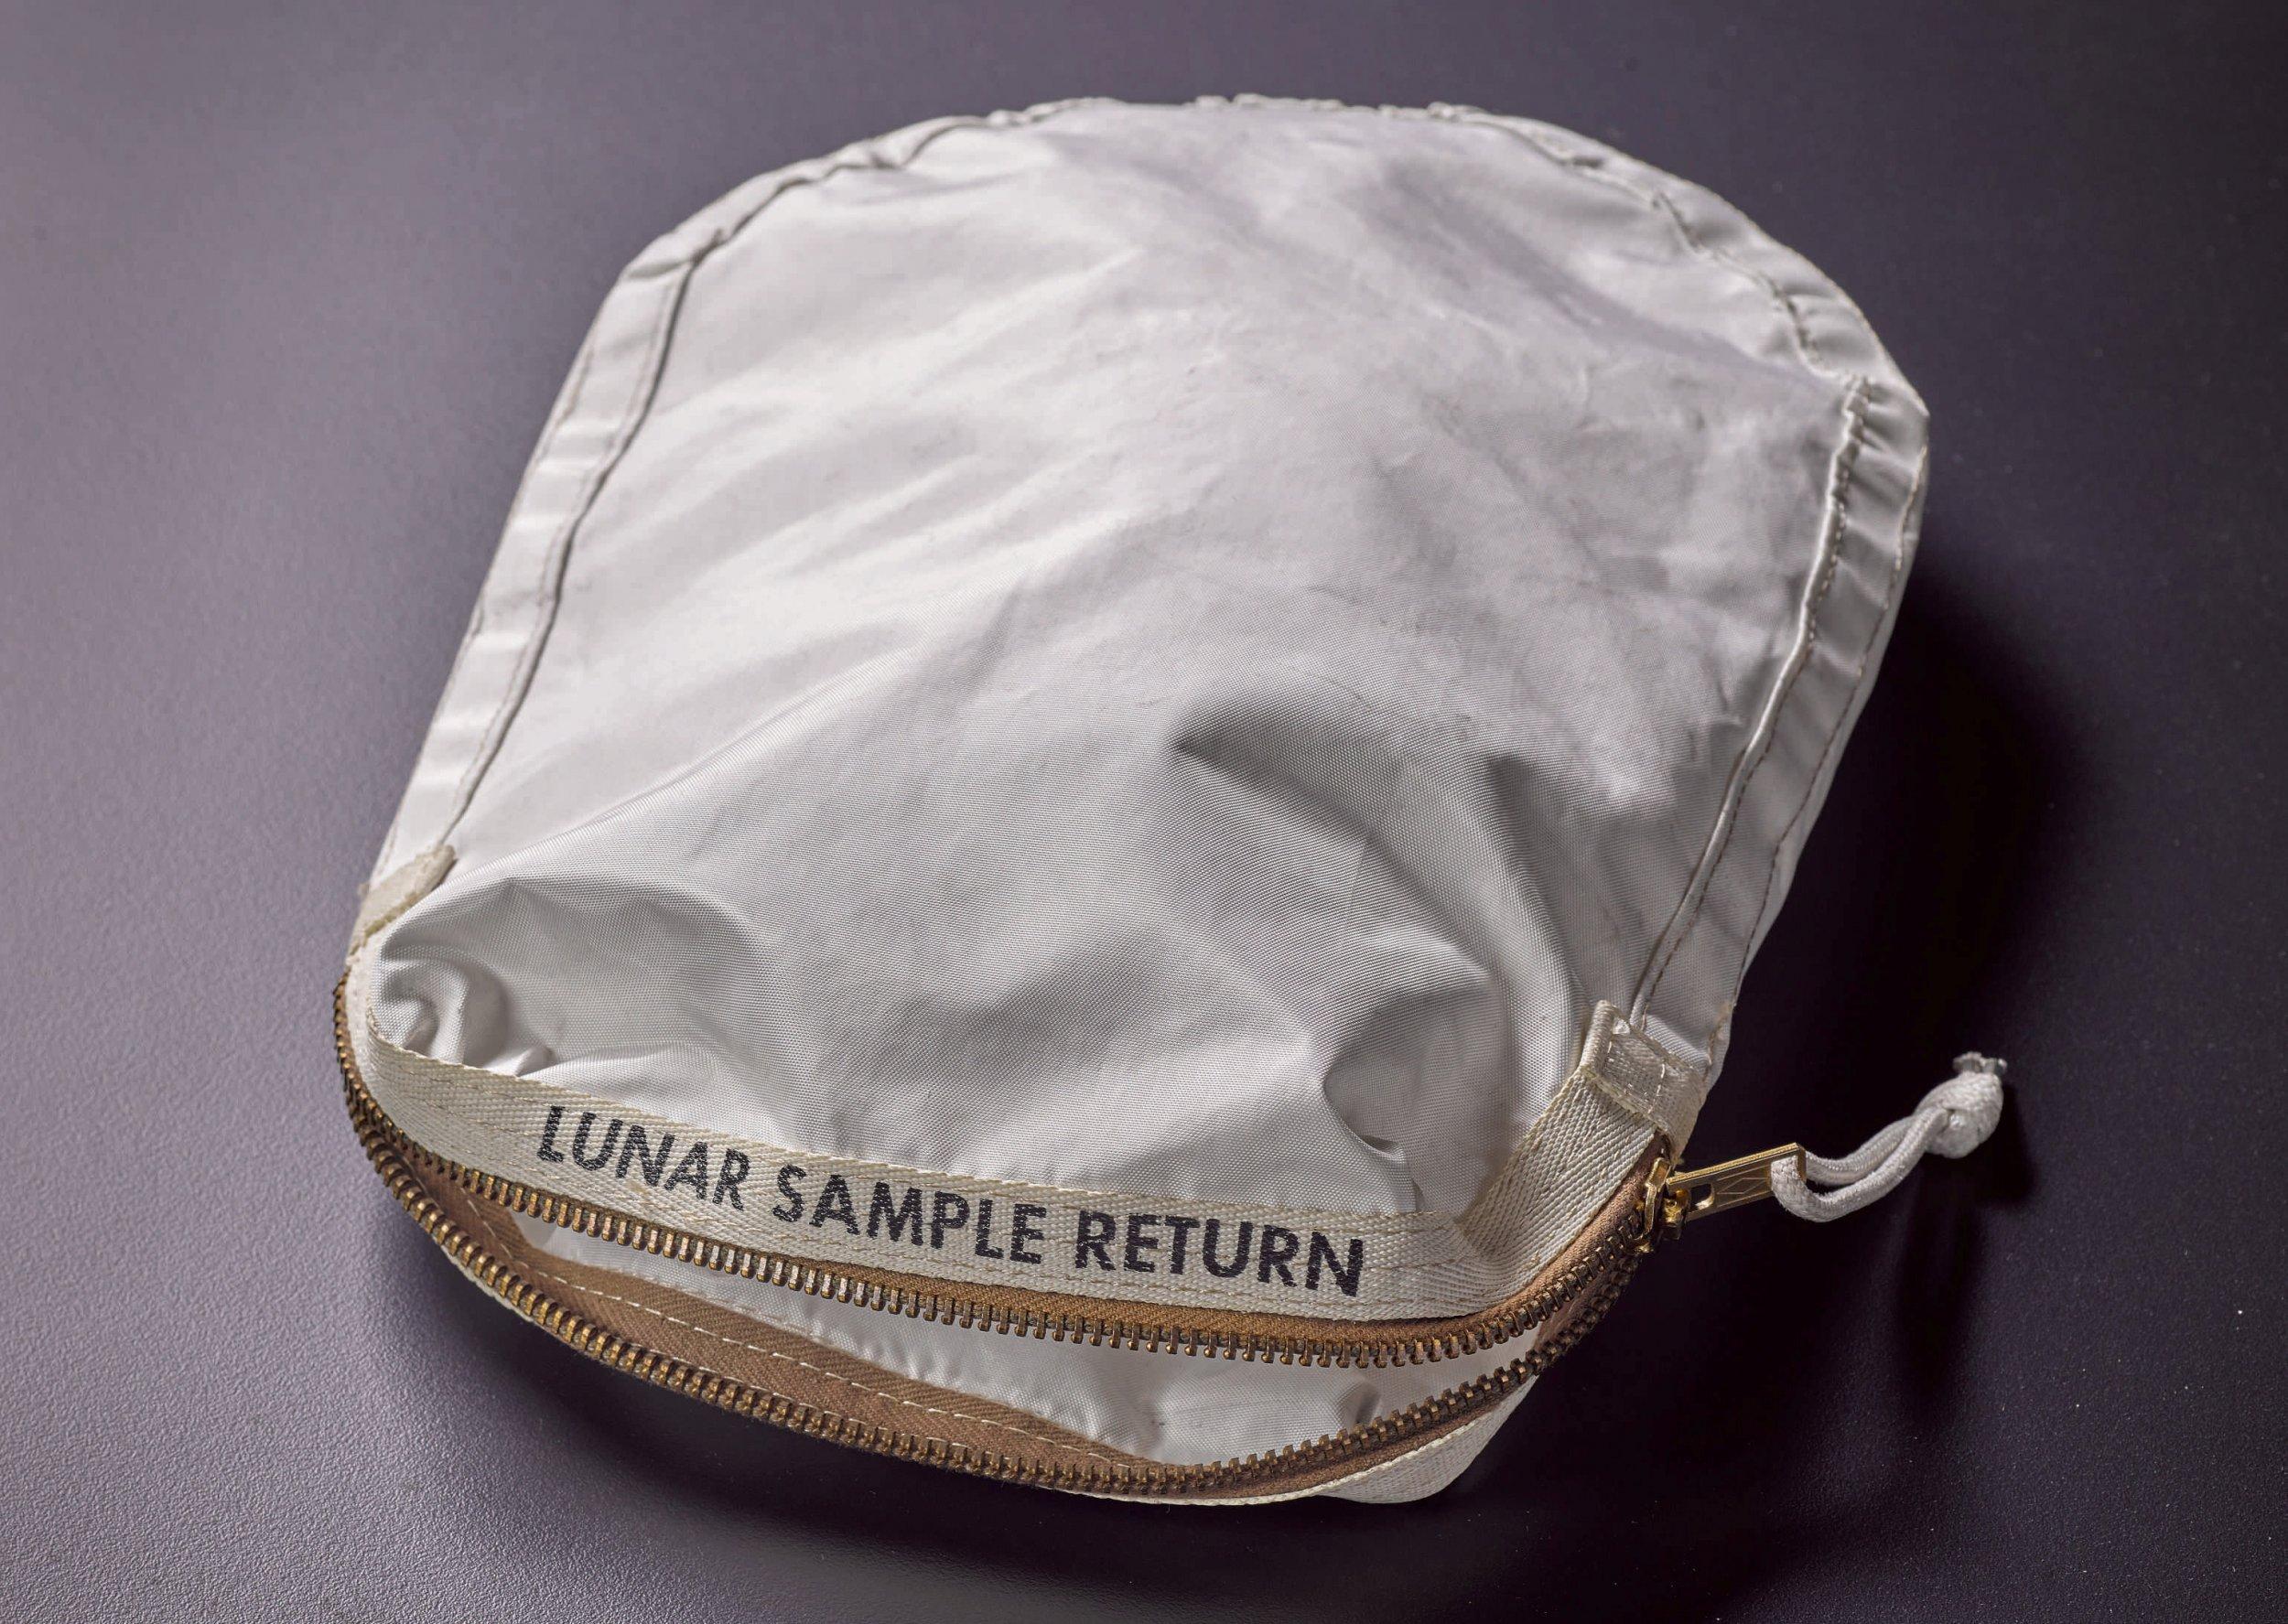 5-22-17 Lunar Sample Return